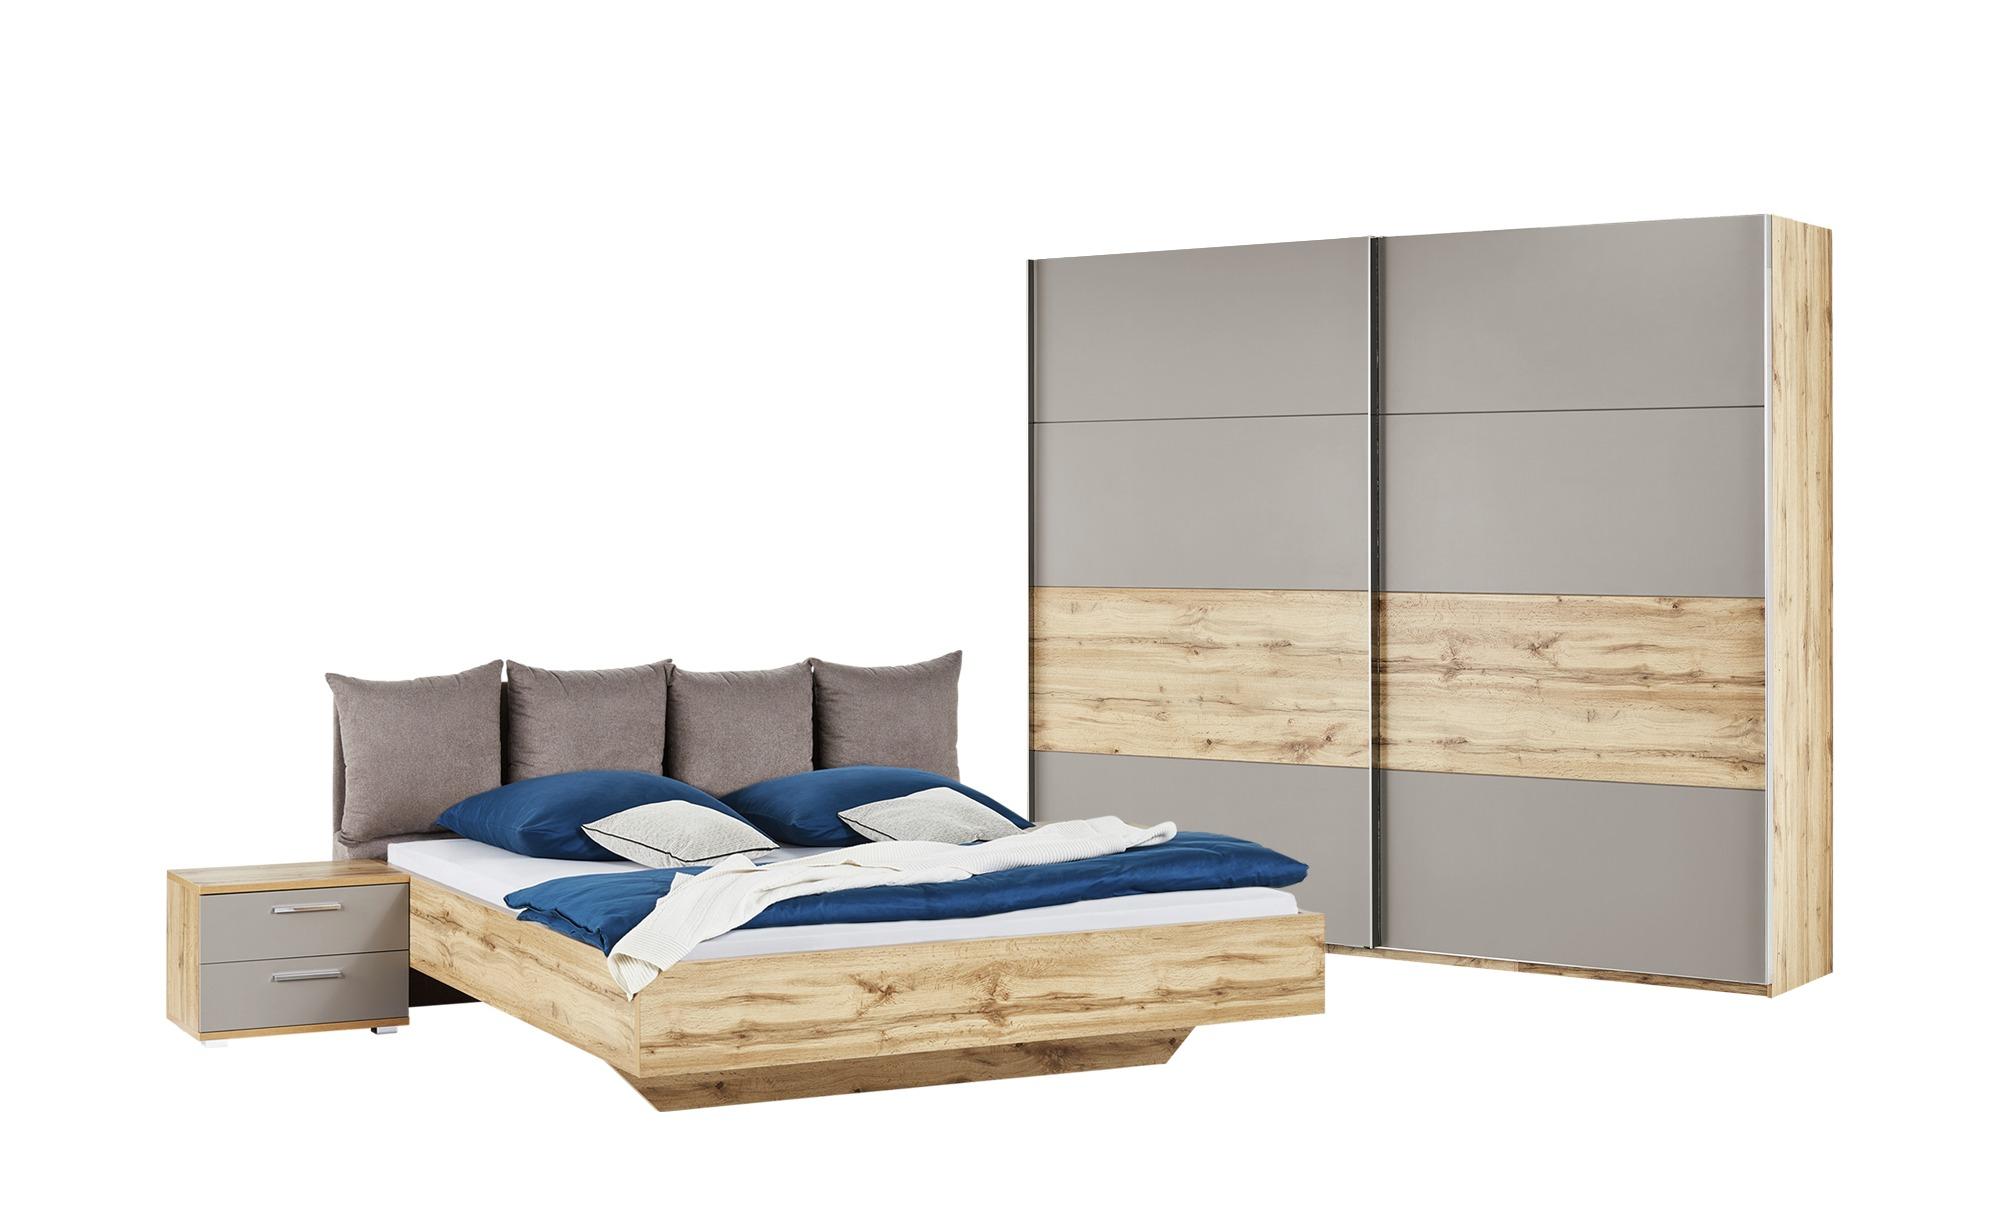 uno Schlafzimmer 4-teilig Delta, gefunden bei Möbel Kraft